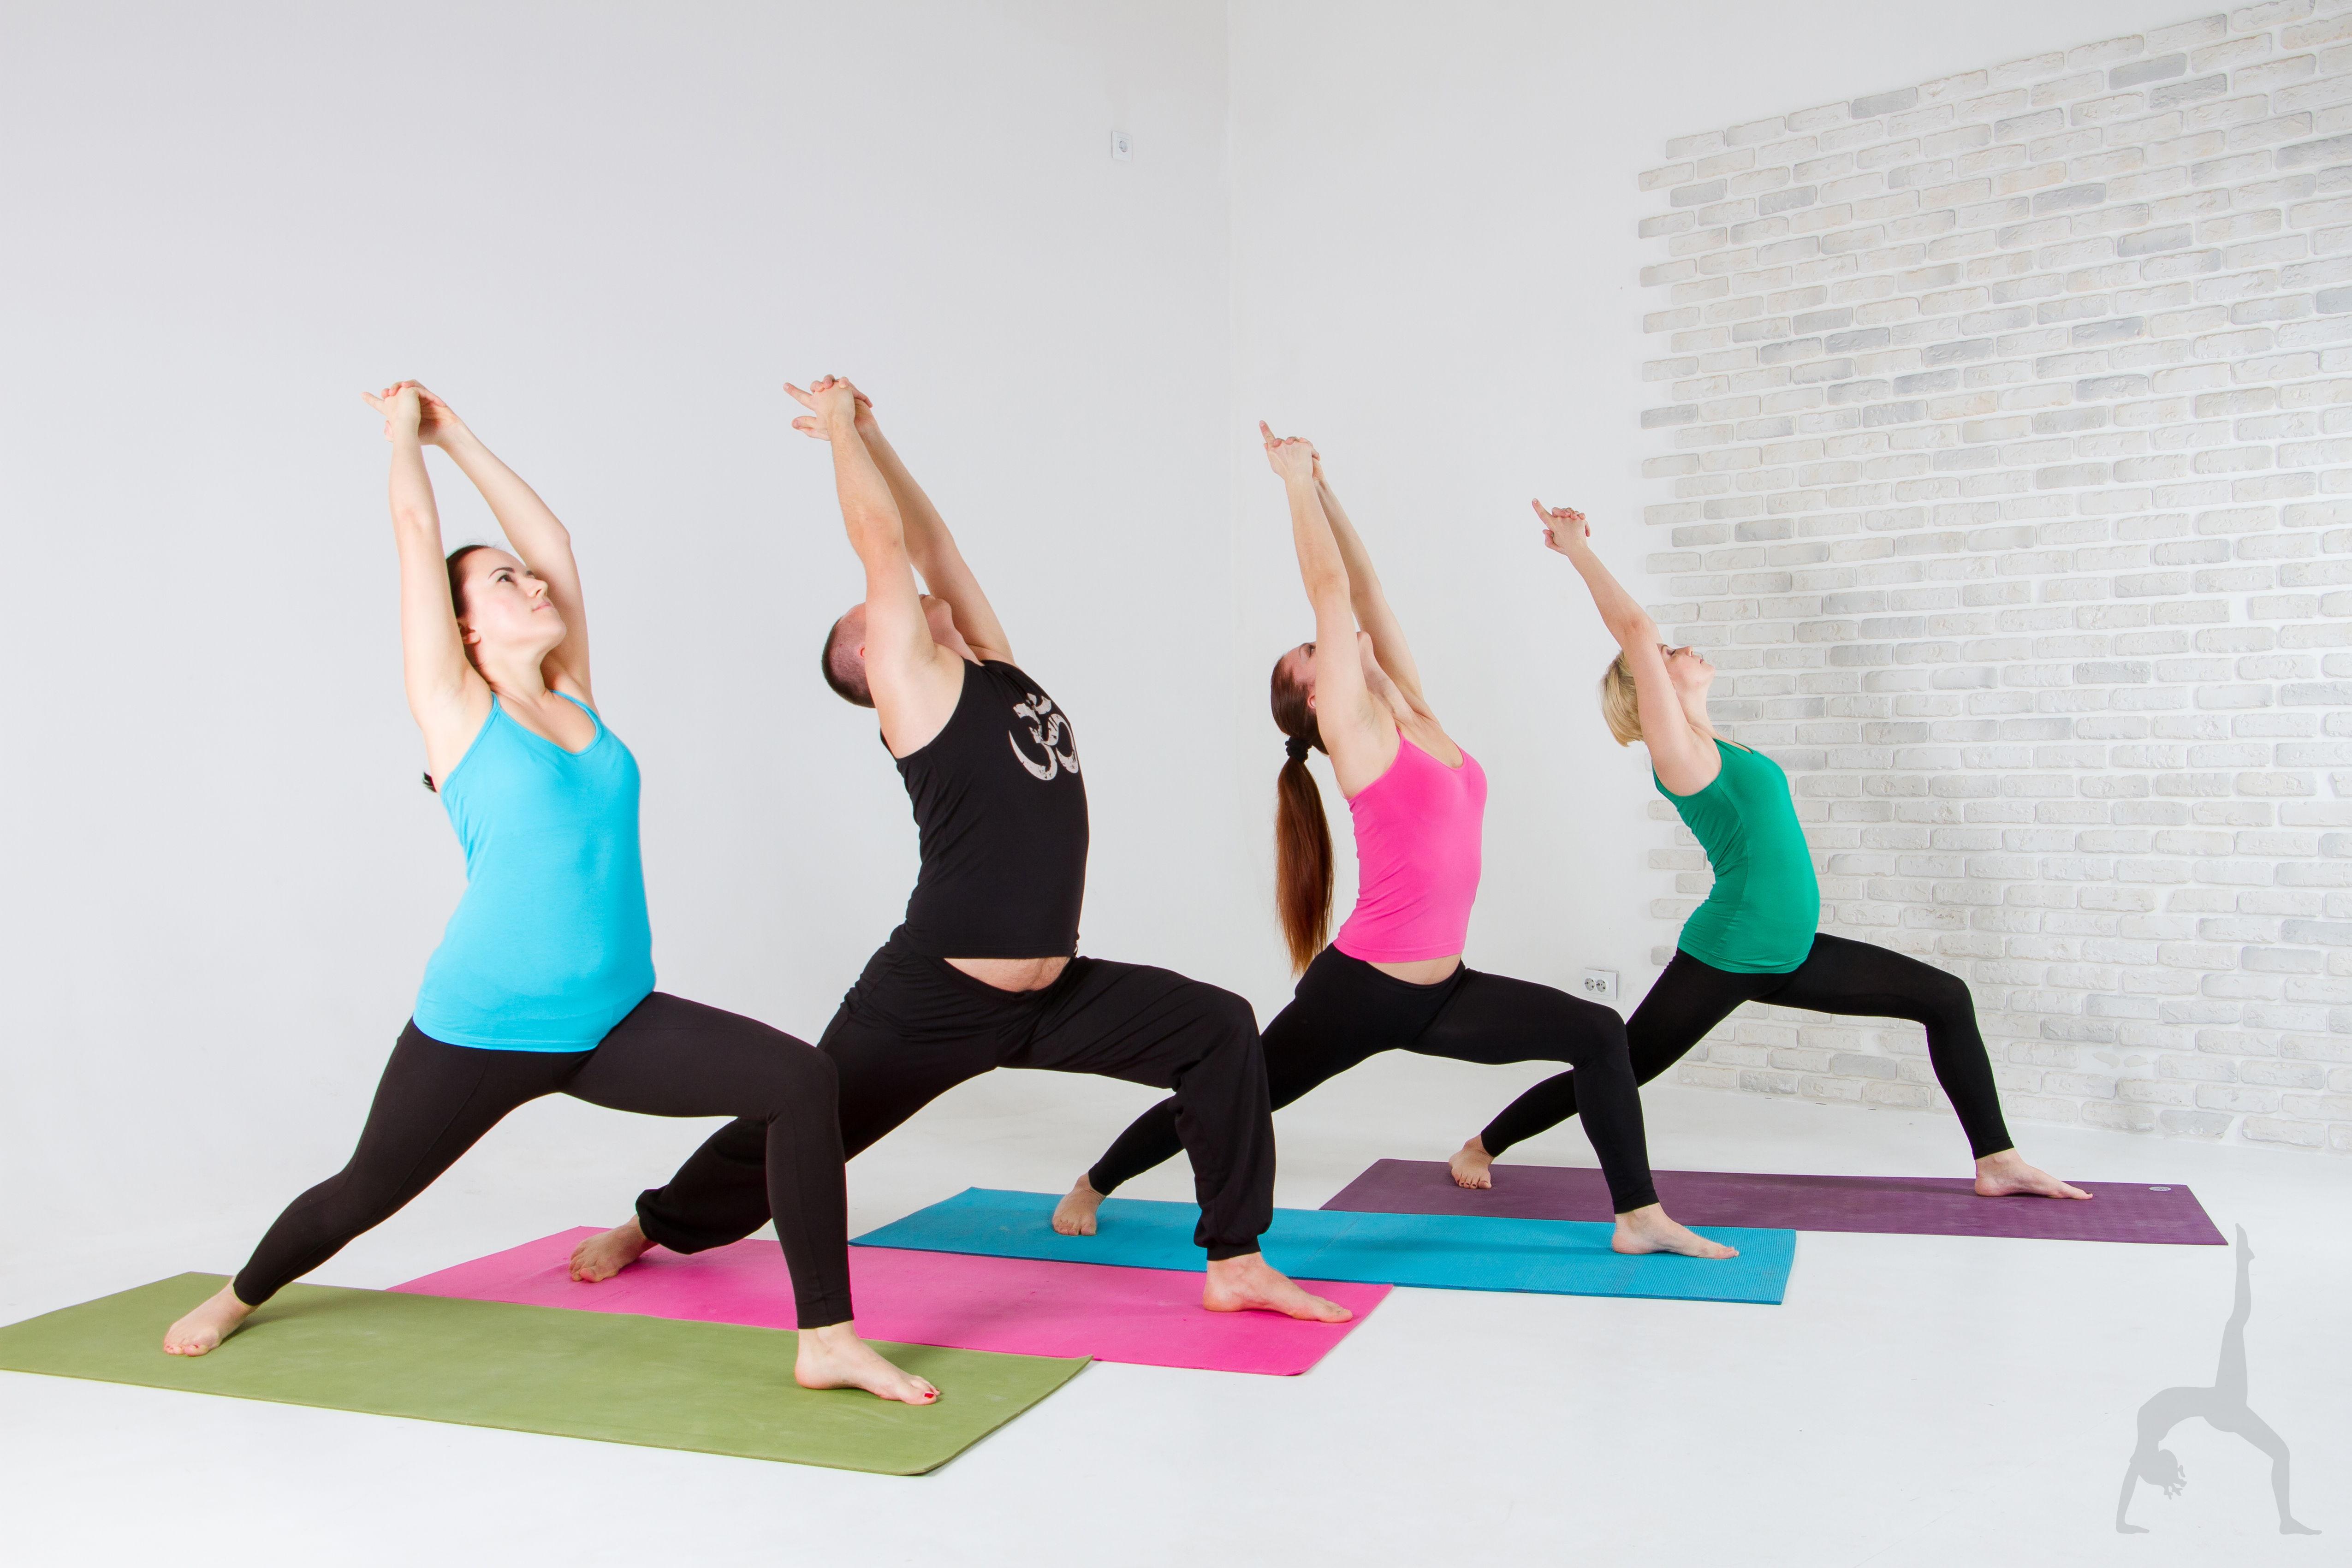 Йога фестиваль органик пипл